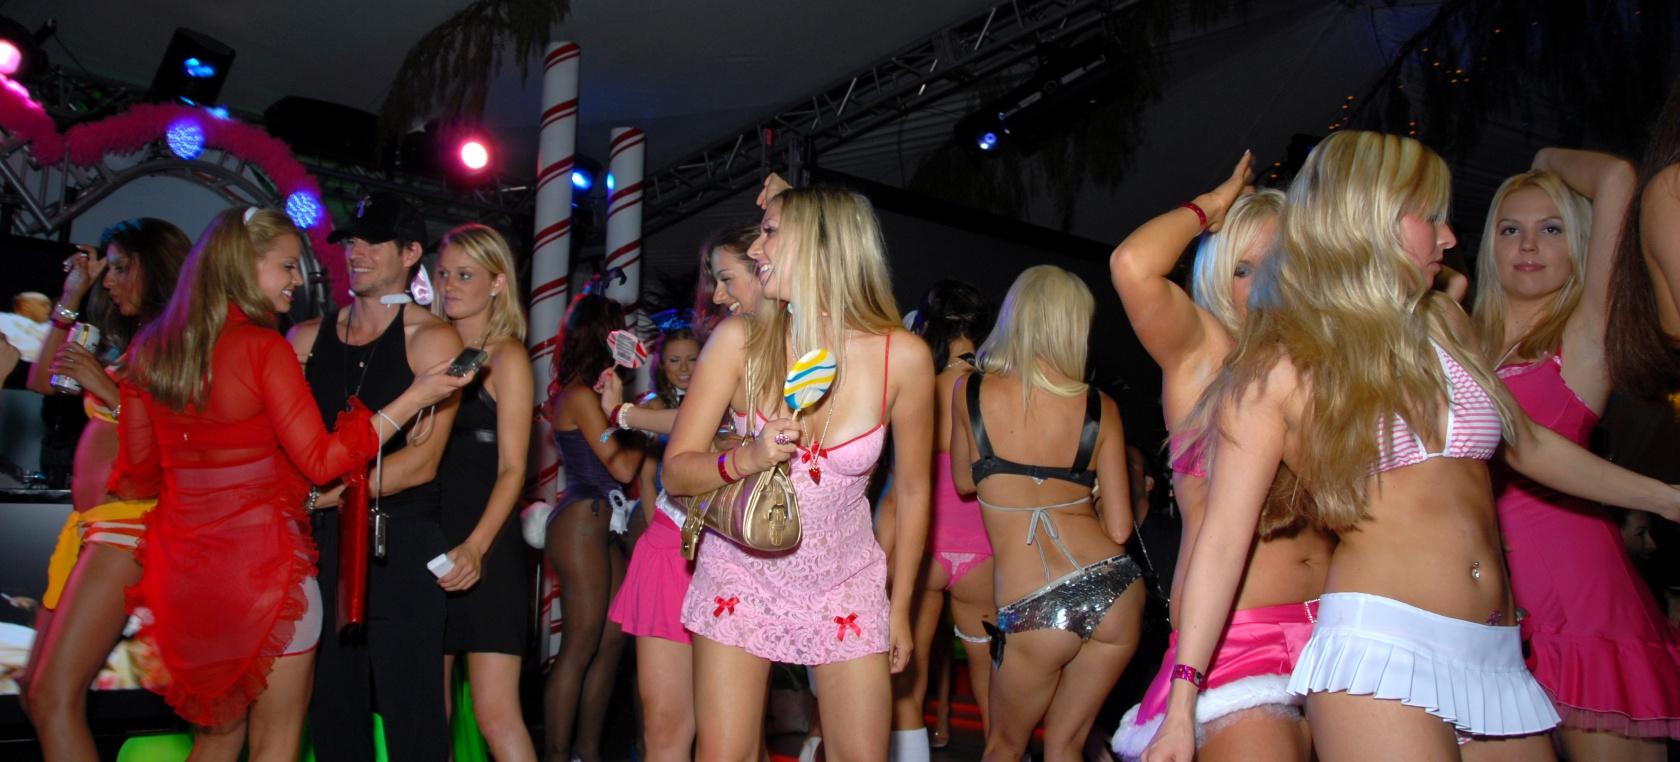 sexo en la fiesta